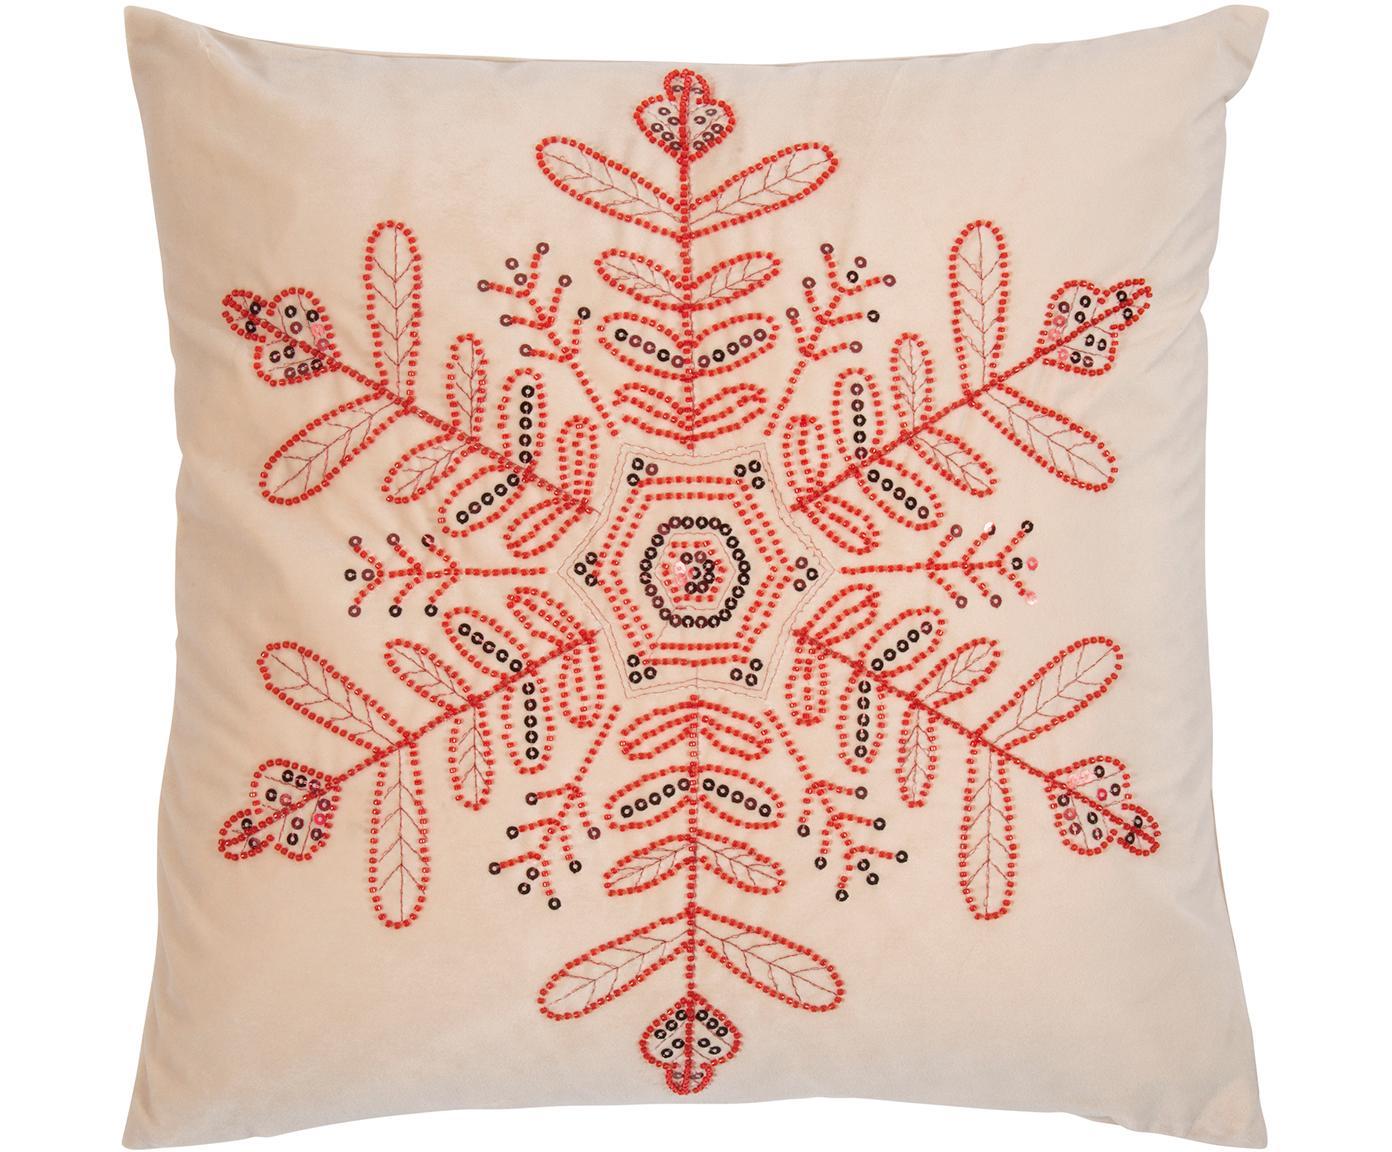 Poszewka na poduszkę z aksamitu Sparkle, Aksamit poliestrowy, Beżowy, czerwony czarny, S 45 x D 45 cm